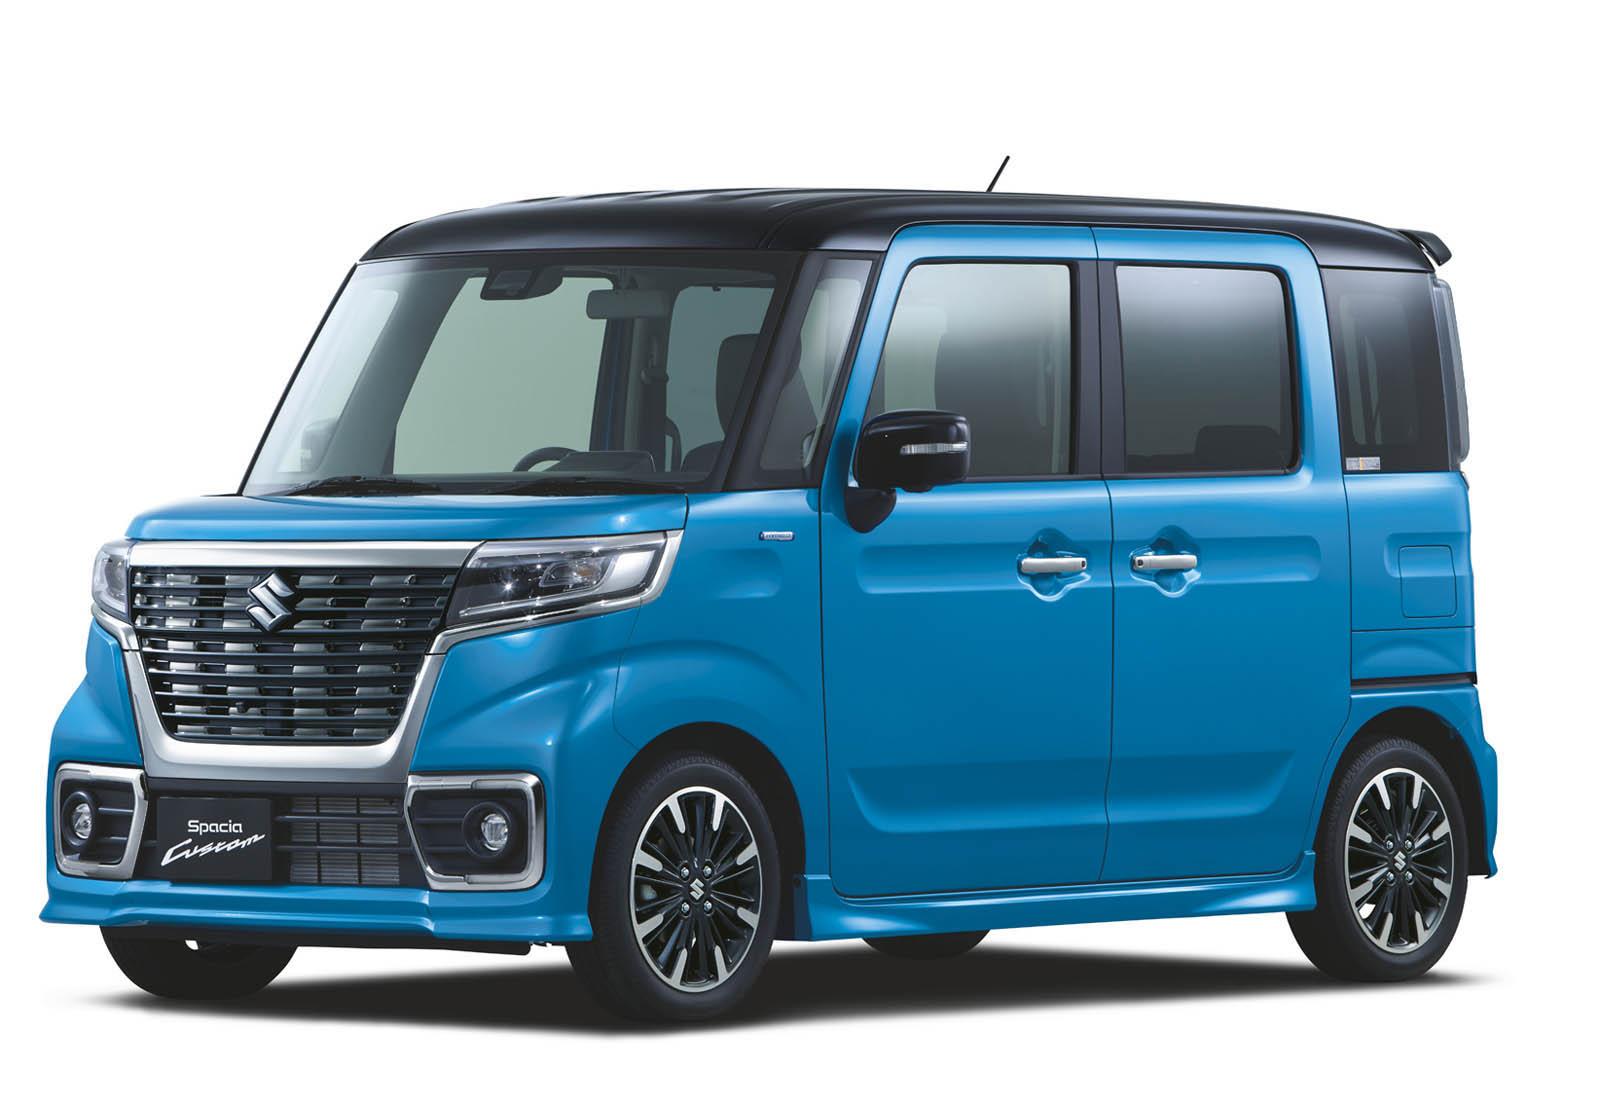 Suzuki Spacia 2018 (20)